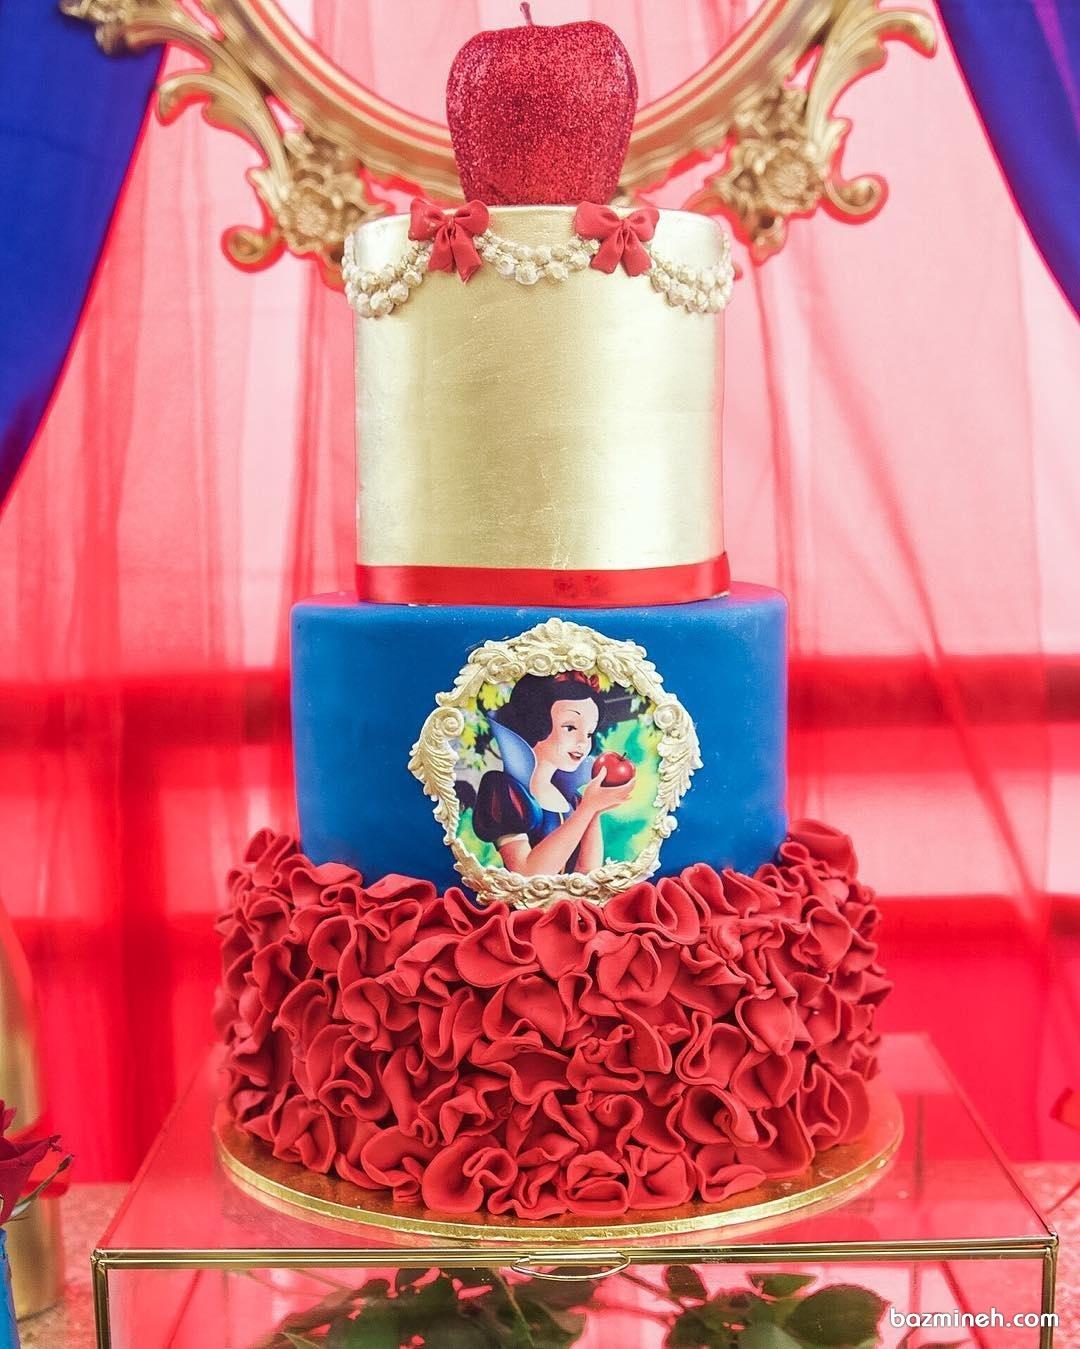 کیک زیبای جشن تولد با طرح سفید برفی